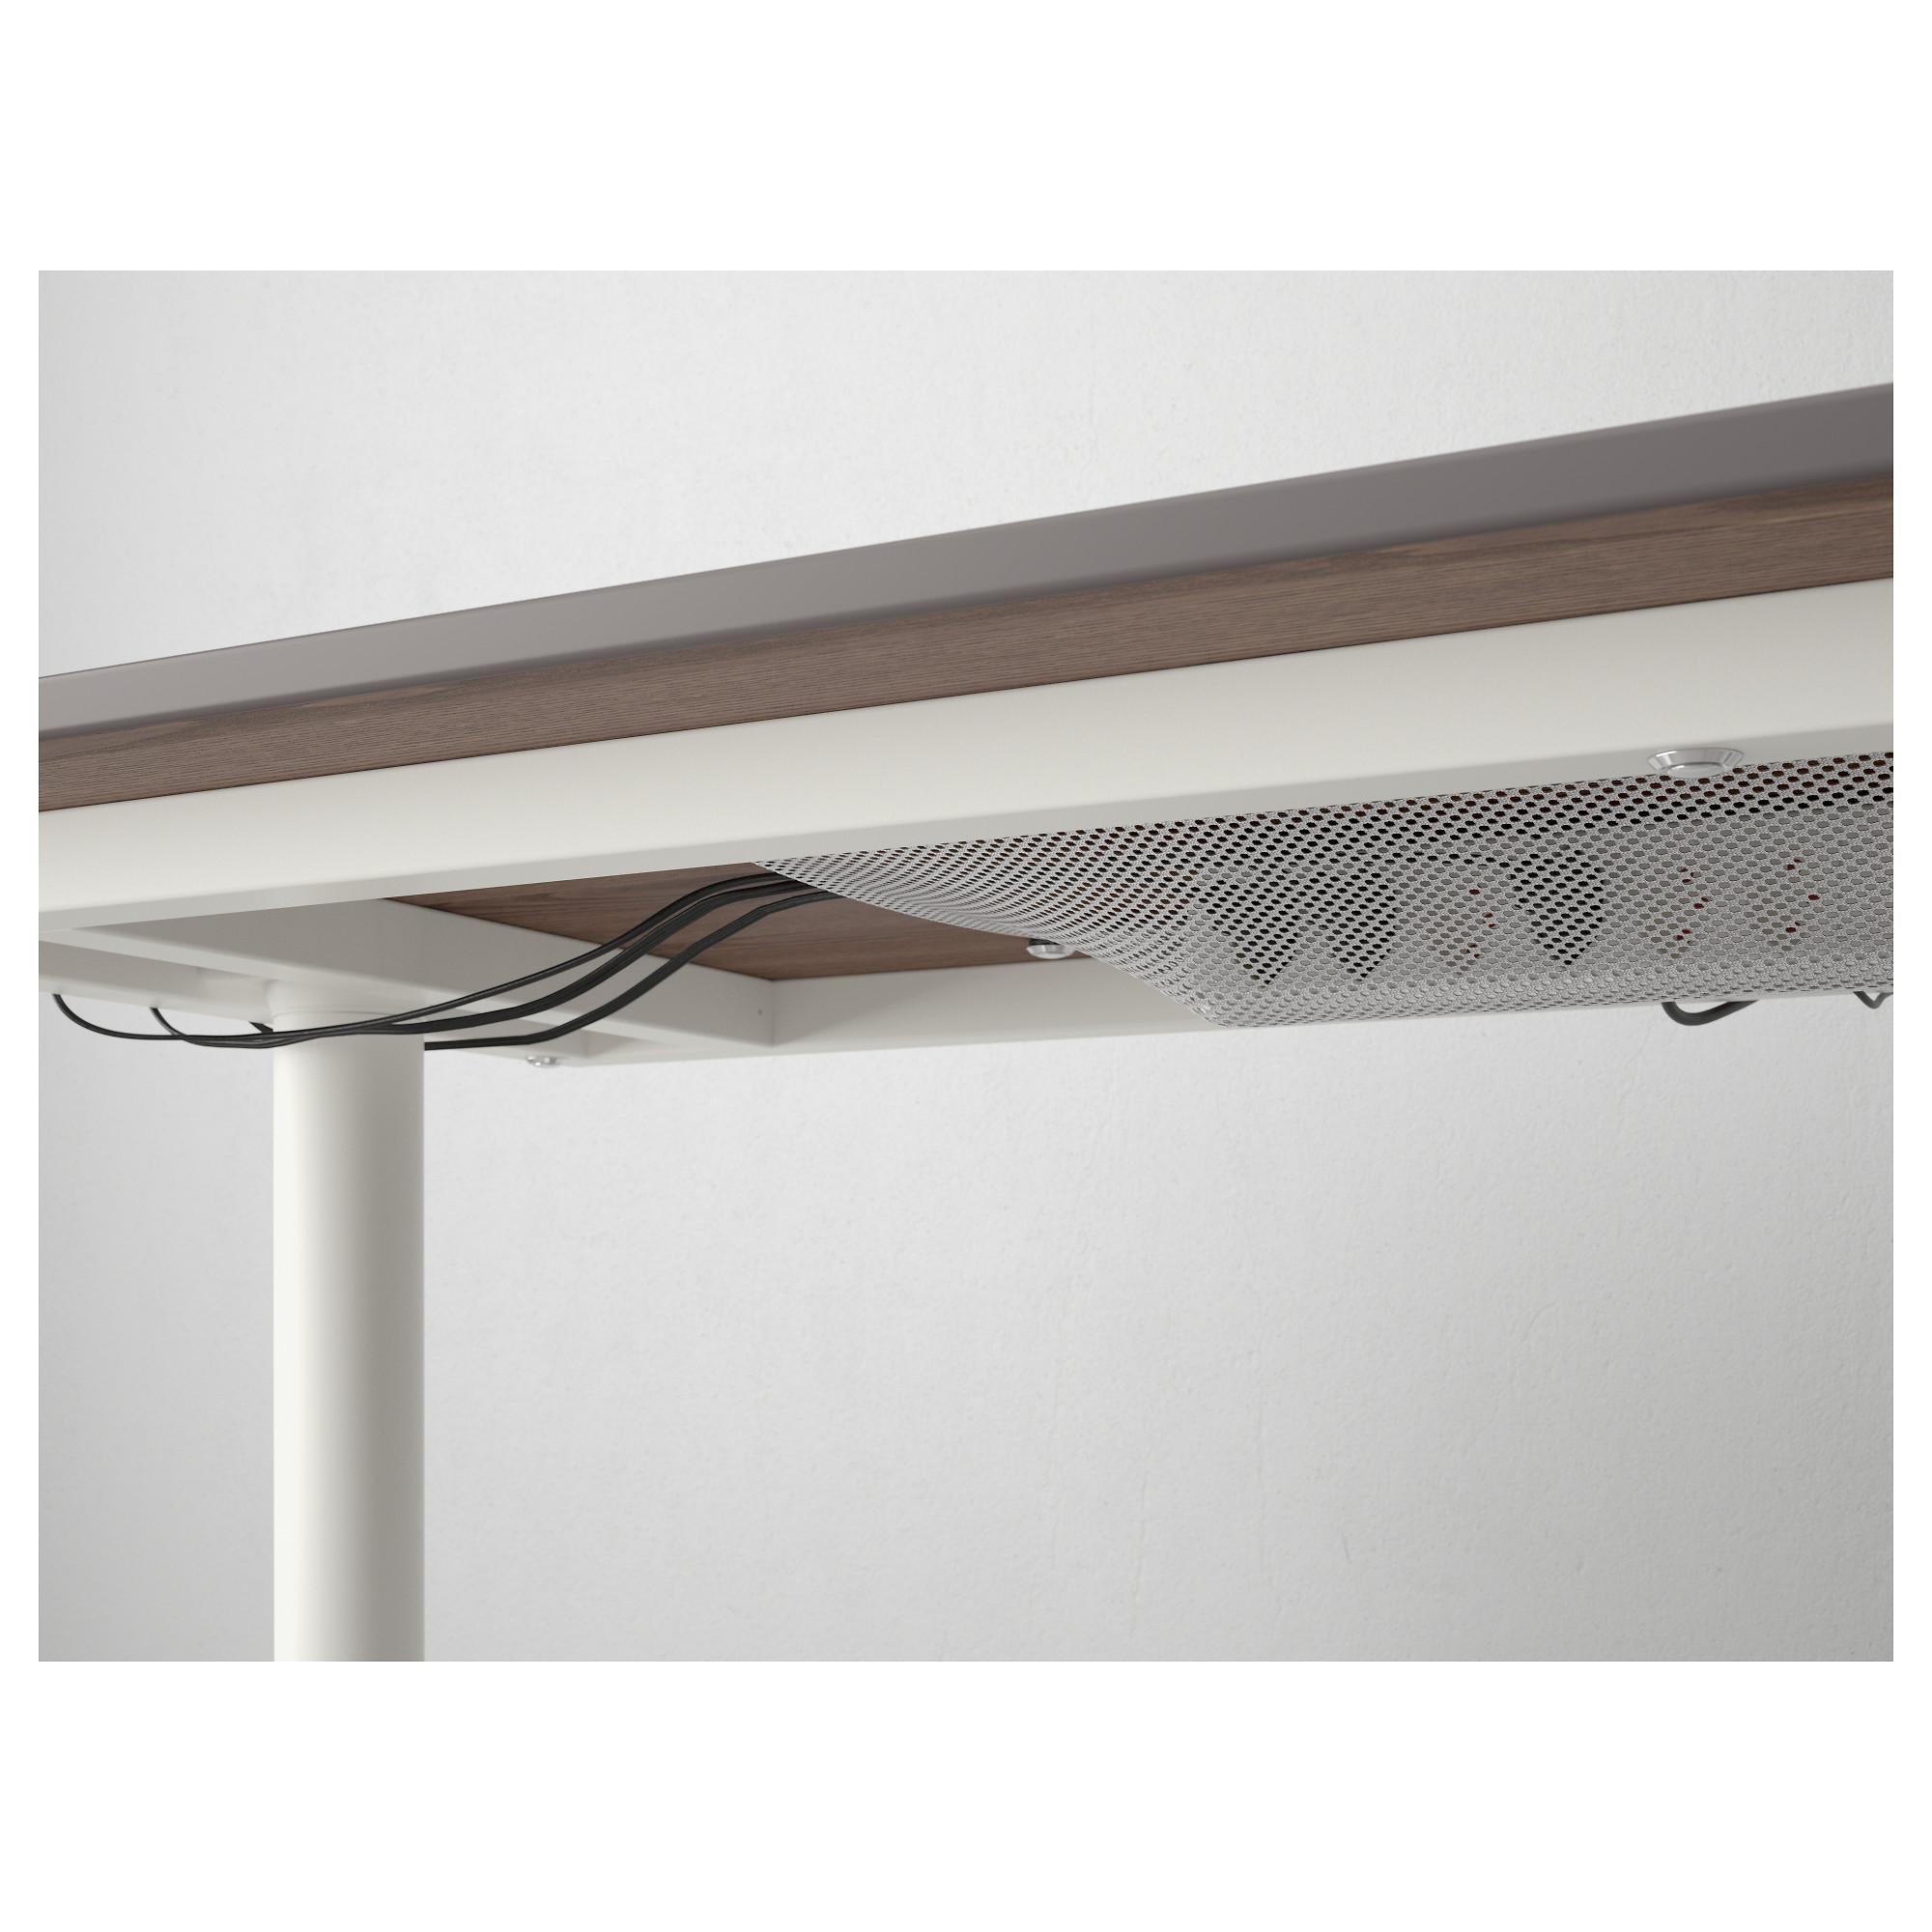 Письменный стол БЕКАНТ серый артикуль № 592.785.24 в наличии. Online сайт IKEA РБ. Недорогая доставка и установка.